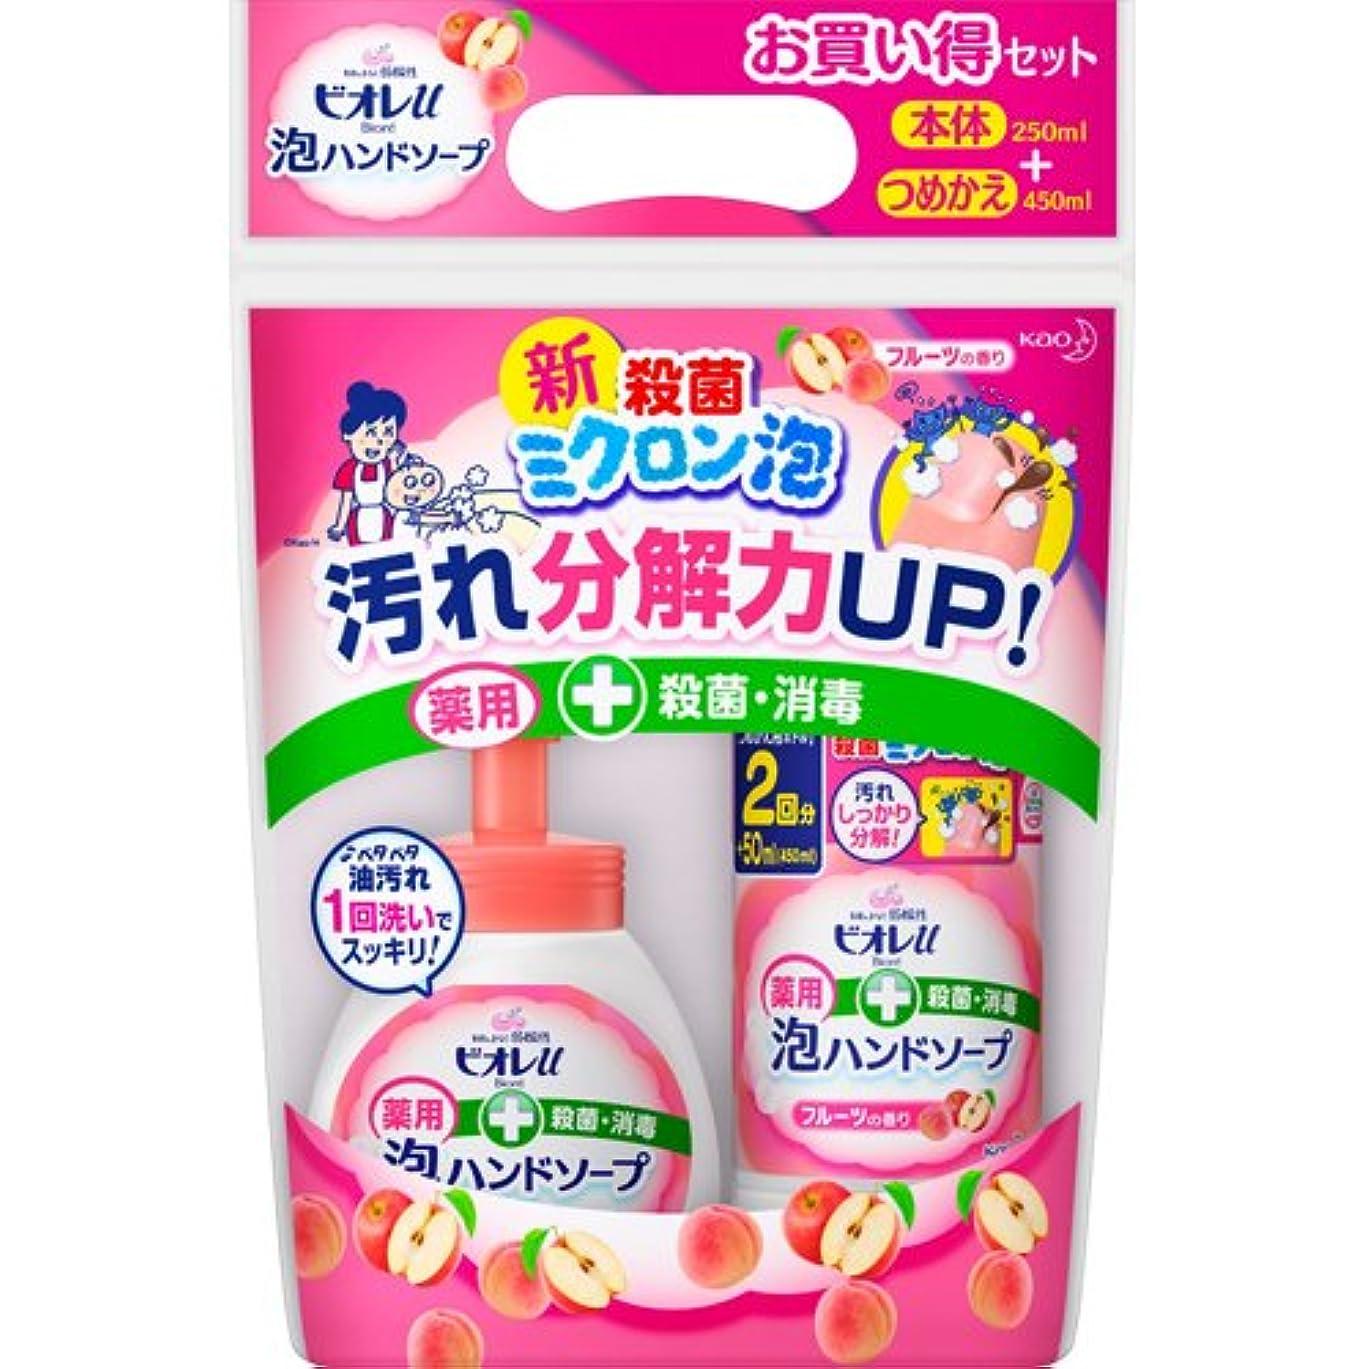 バタークラッチ性的【数量限定】ビオレu 薬用泡ハンドソープ フルーツの香り 本体250ml+つめかえ用450ml